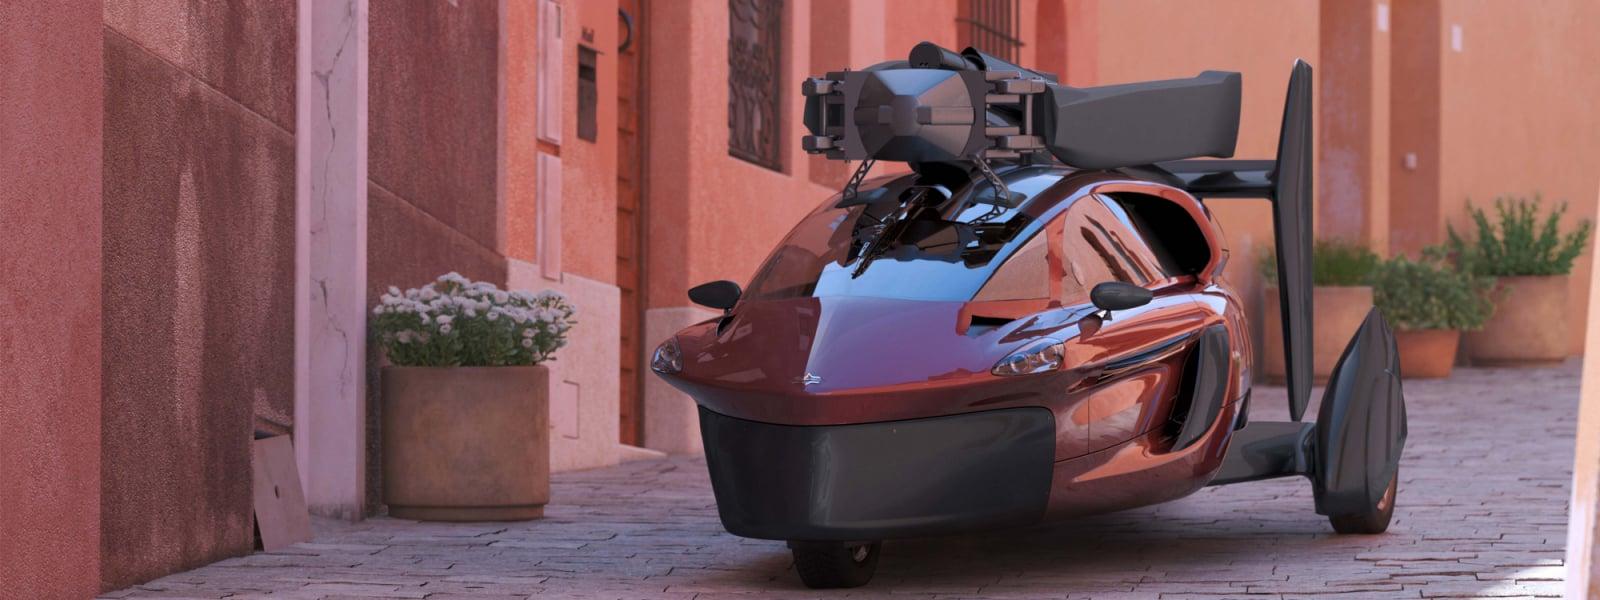 Pal V Flying Car Rome Street 3